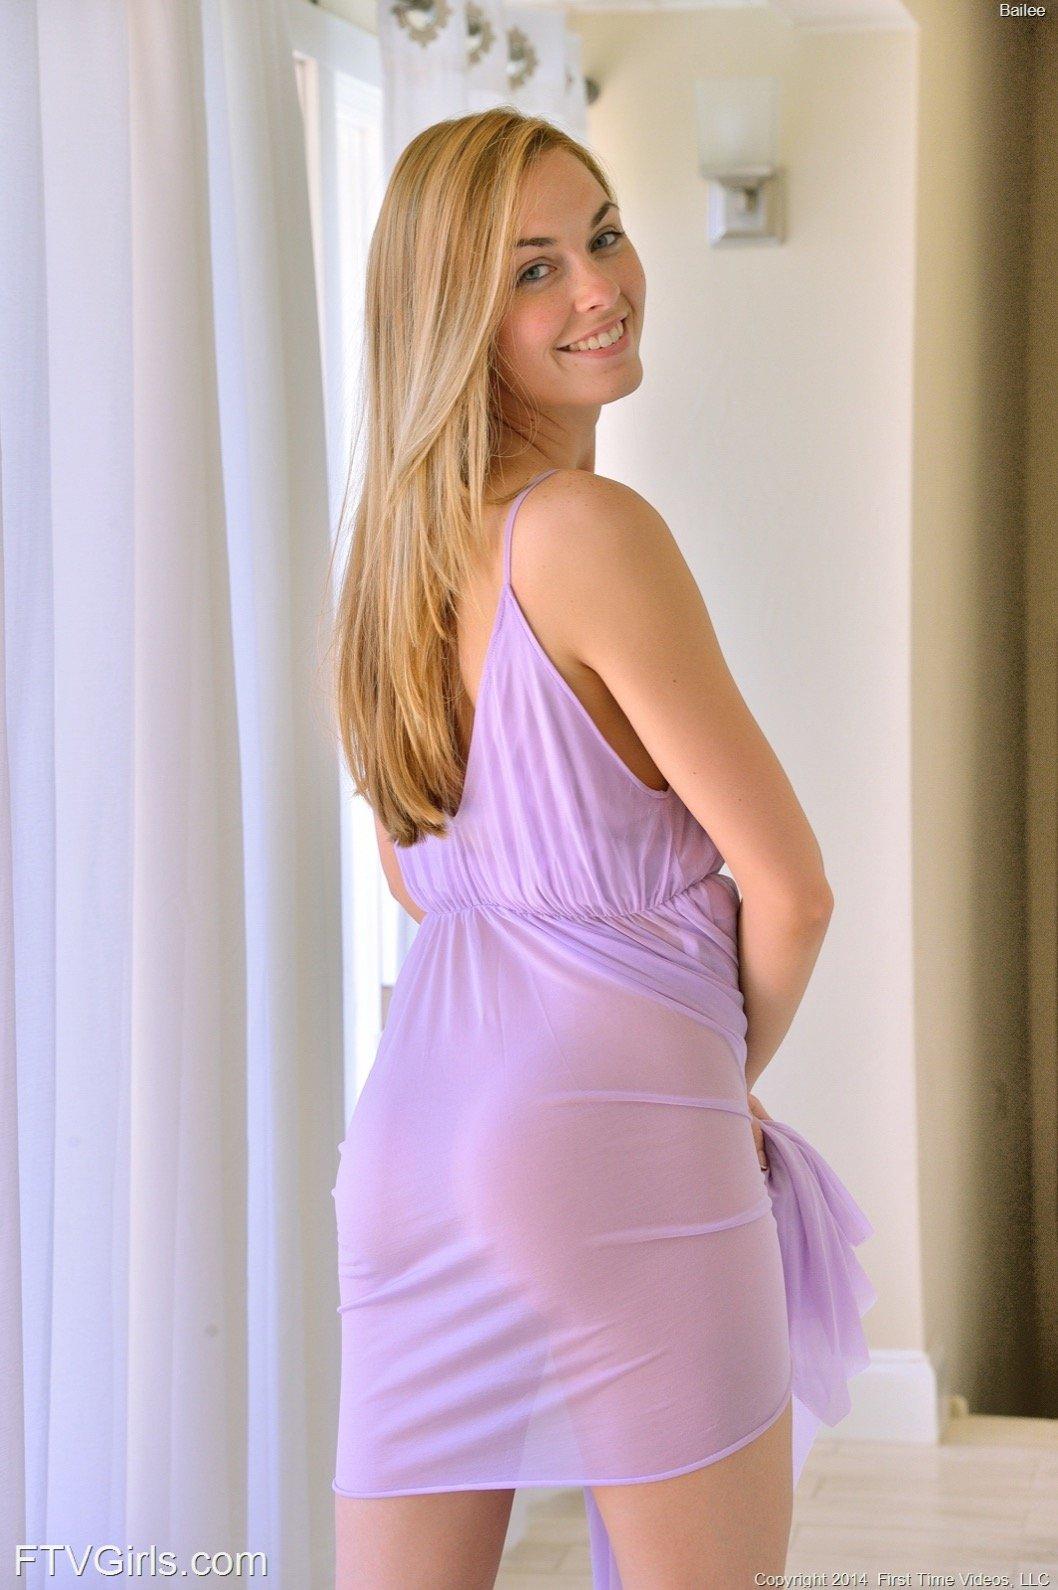 Милая девушка в платье нагибается раком и позирует